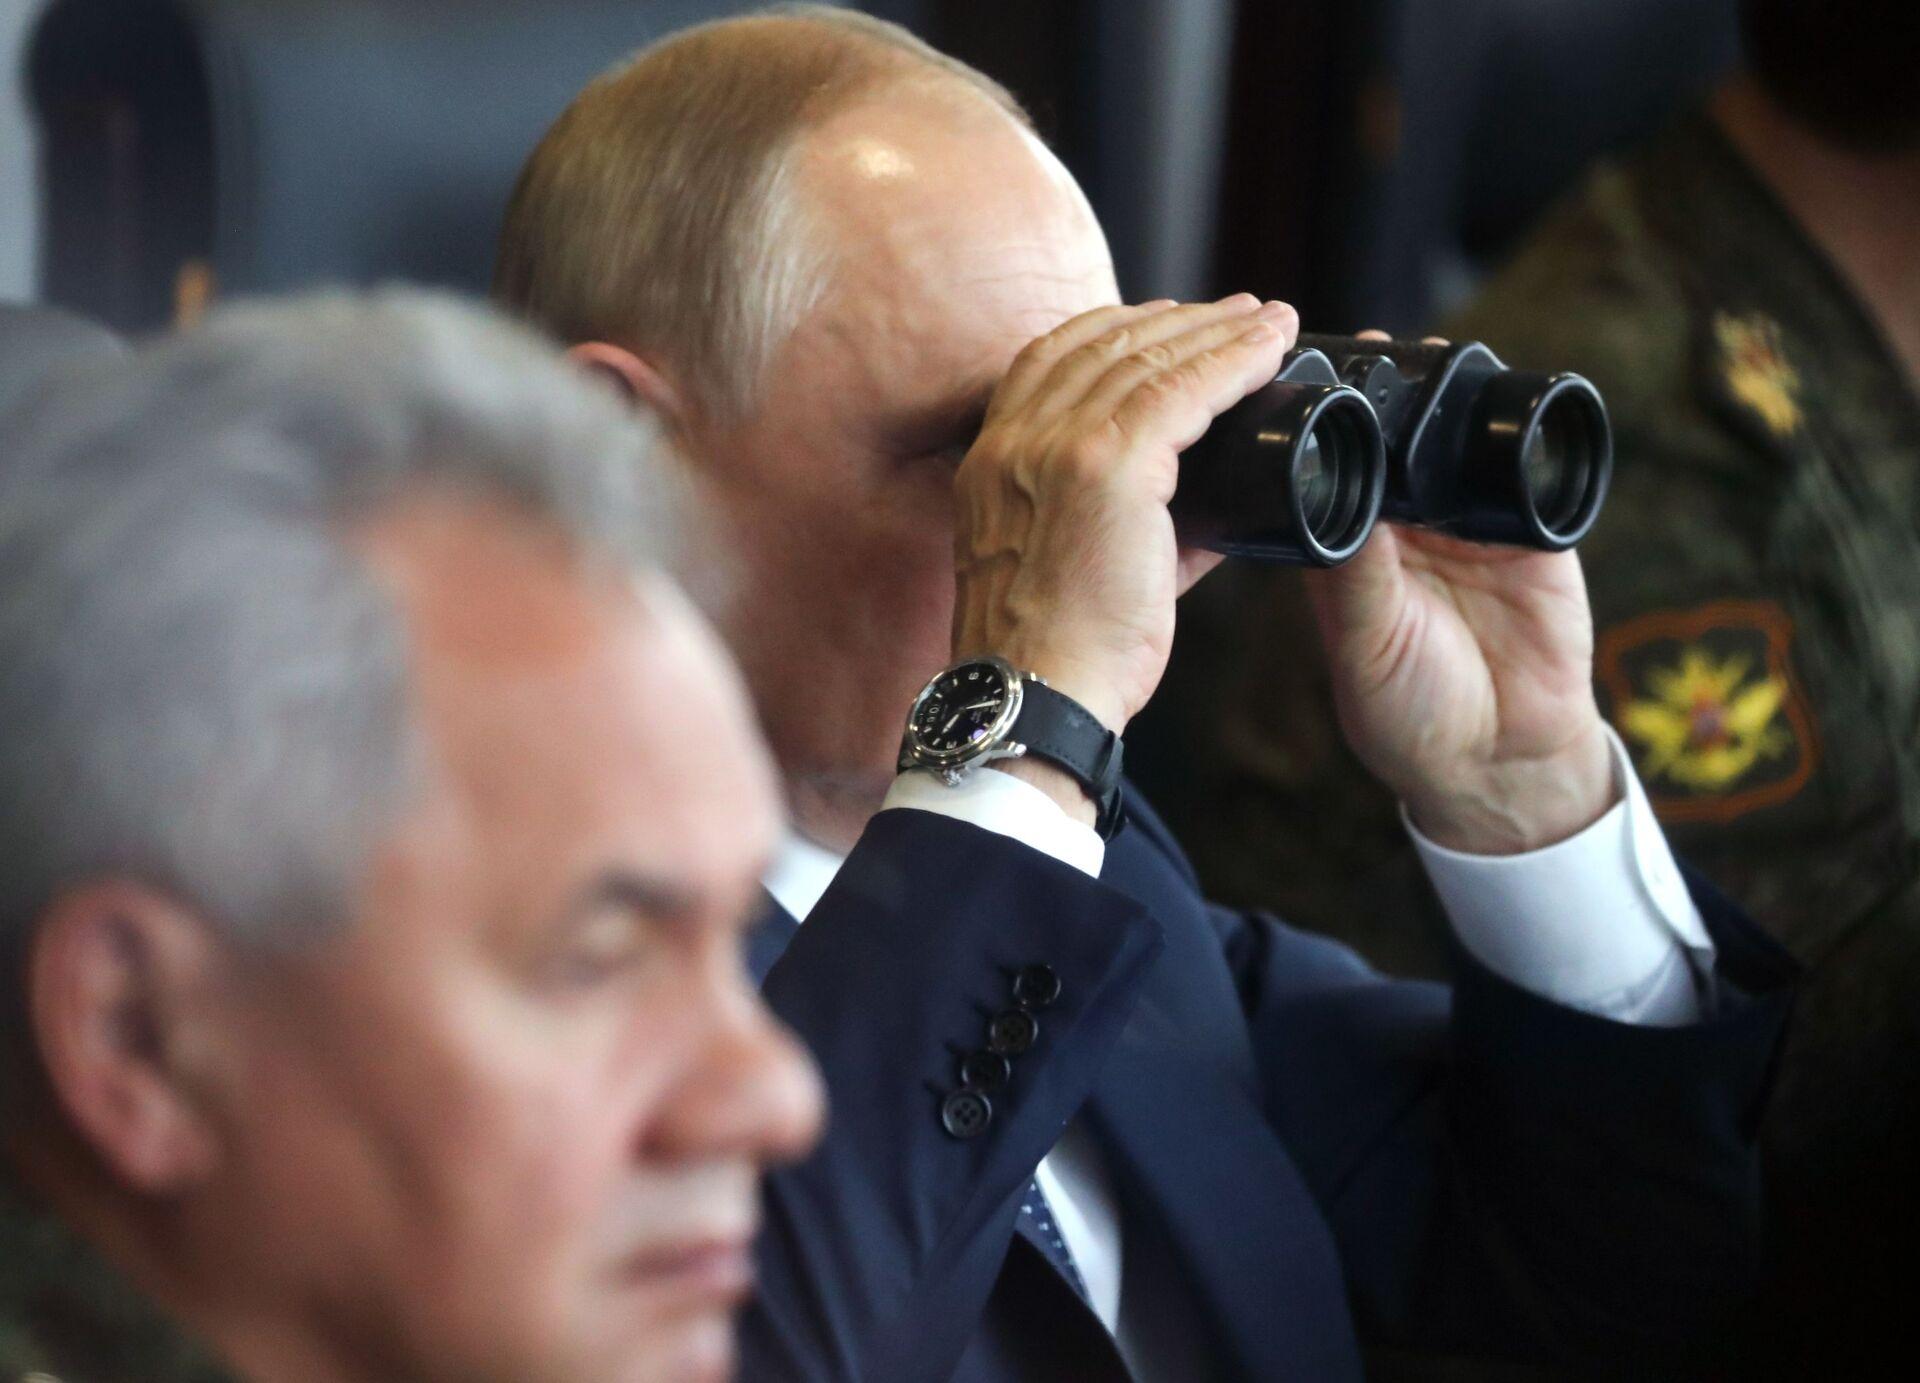 Tổng thống Nga Vladimir Putin giám sát giai đoạn chính của cuộc tập trận Zapad-2021 - Sputnik Việt Nam, 1920, 05.10.2021